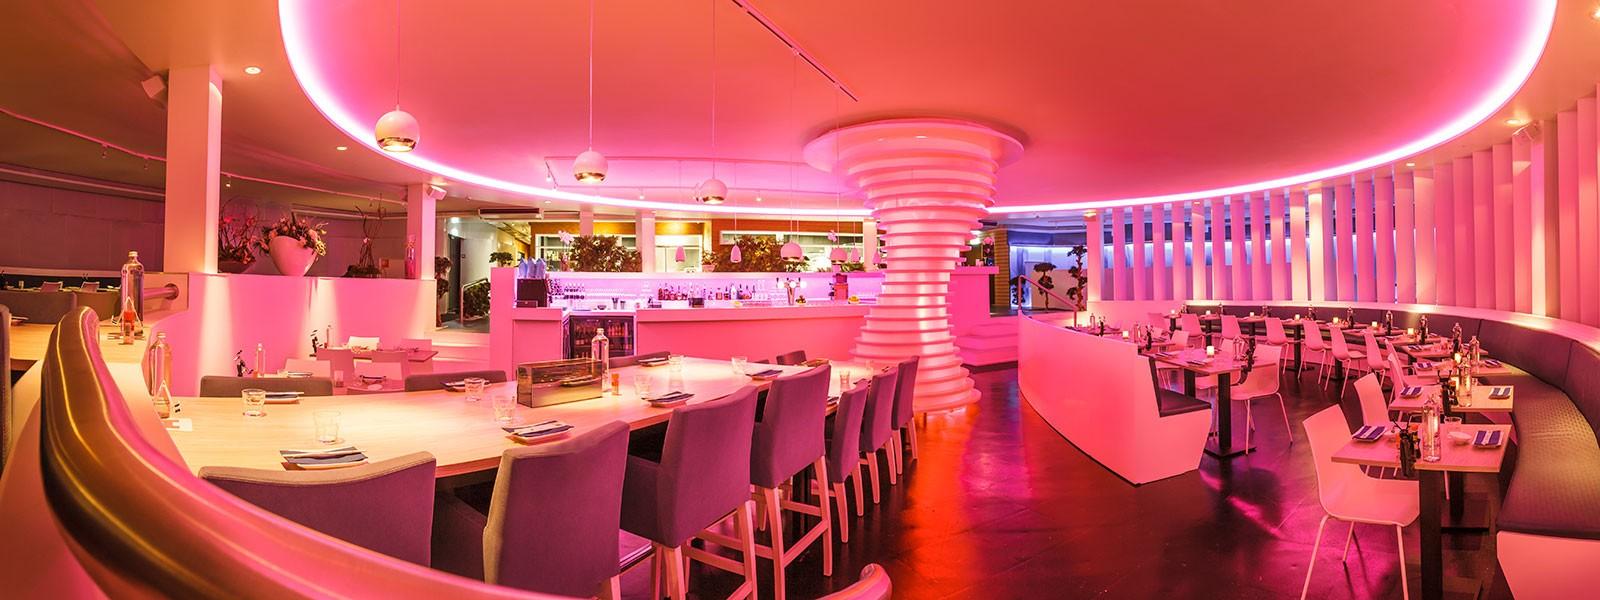 Verlichting als onderdeel van het totale interieurconcept in een restaurant